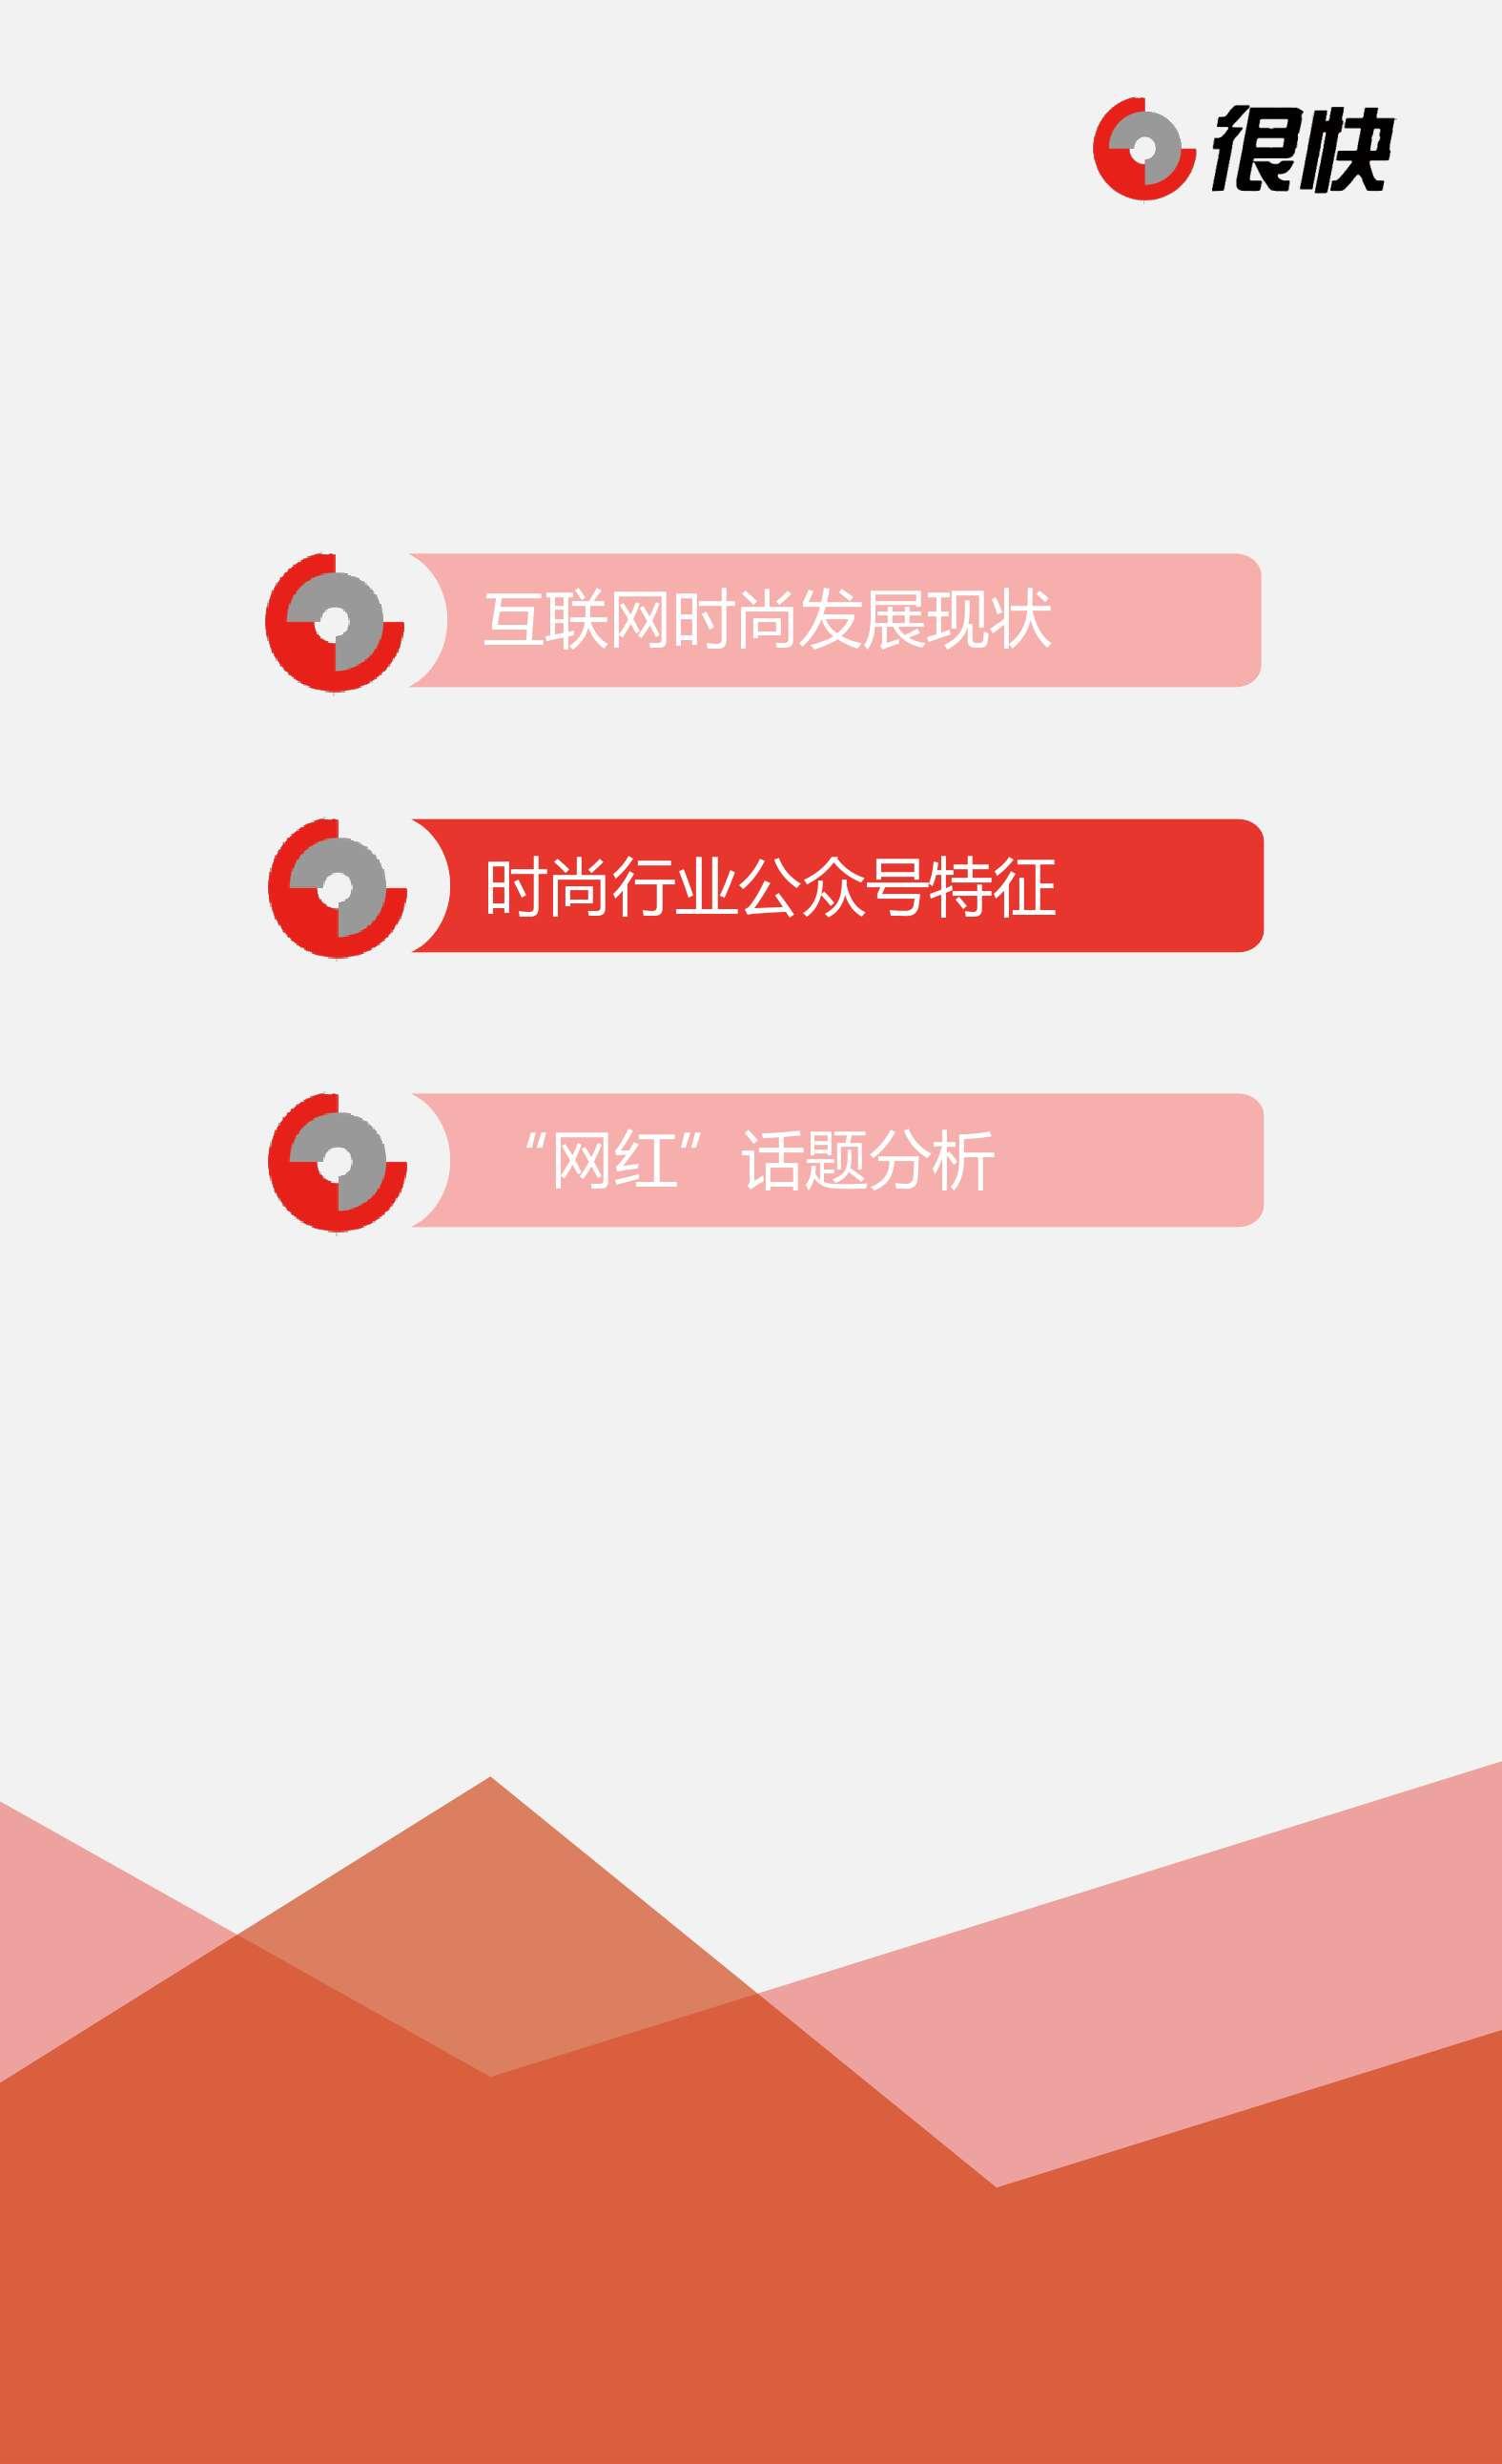 Henkuai-中国行业时尚微信公众号数据洞察报告_000006